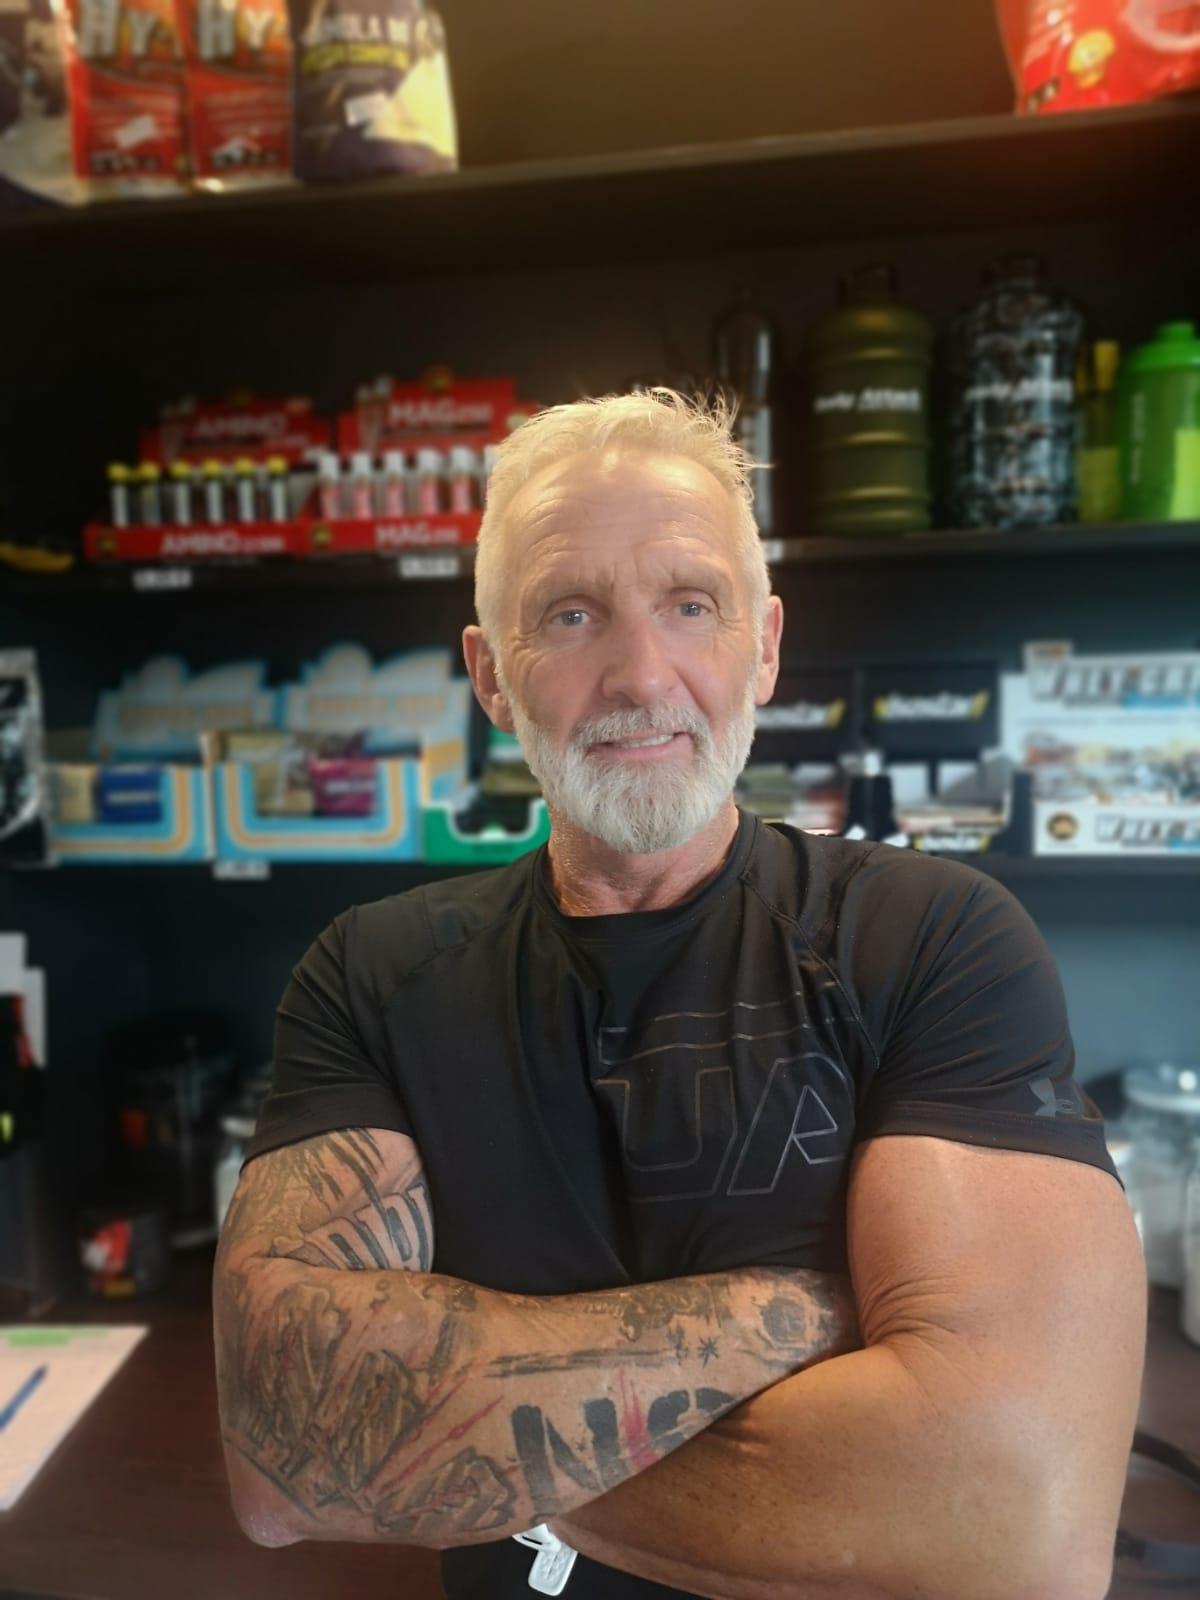 Stefan - Hey Ich bin Stefan, Inhaber des Sports In, schon seit 40 Jahren in der Fitness Branche und habe das große Glück, dass ich mein Hobby zum Beruf machen konnte. Für mich gibt es nichts größeres als jemanden die Vorteile des Fitness Trainings zu vermitteln und zu sehen wie er/sie sich mehr Lebensqualität verschafft.